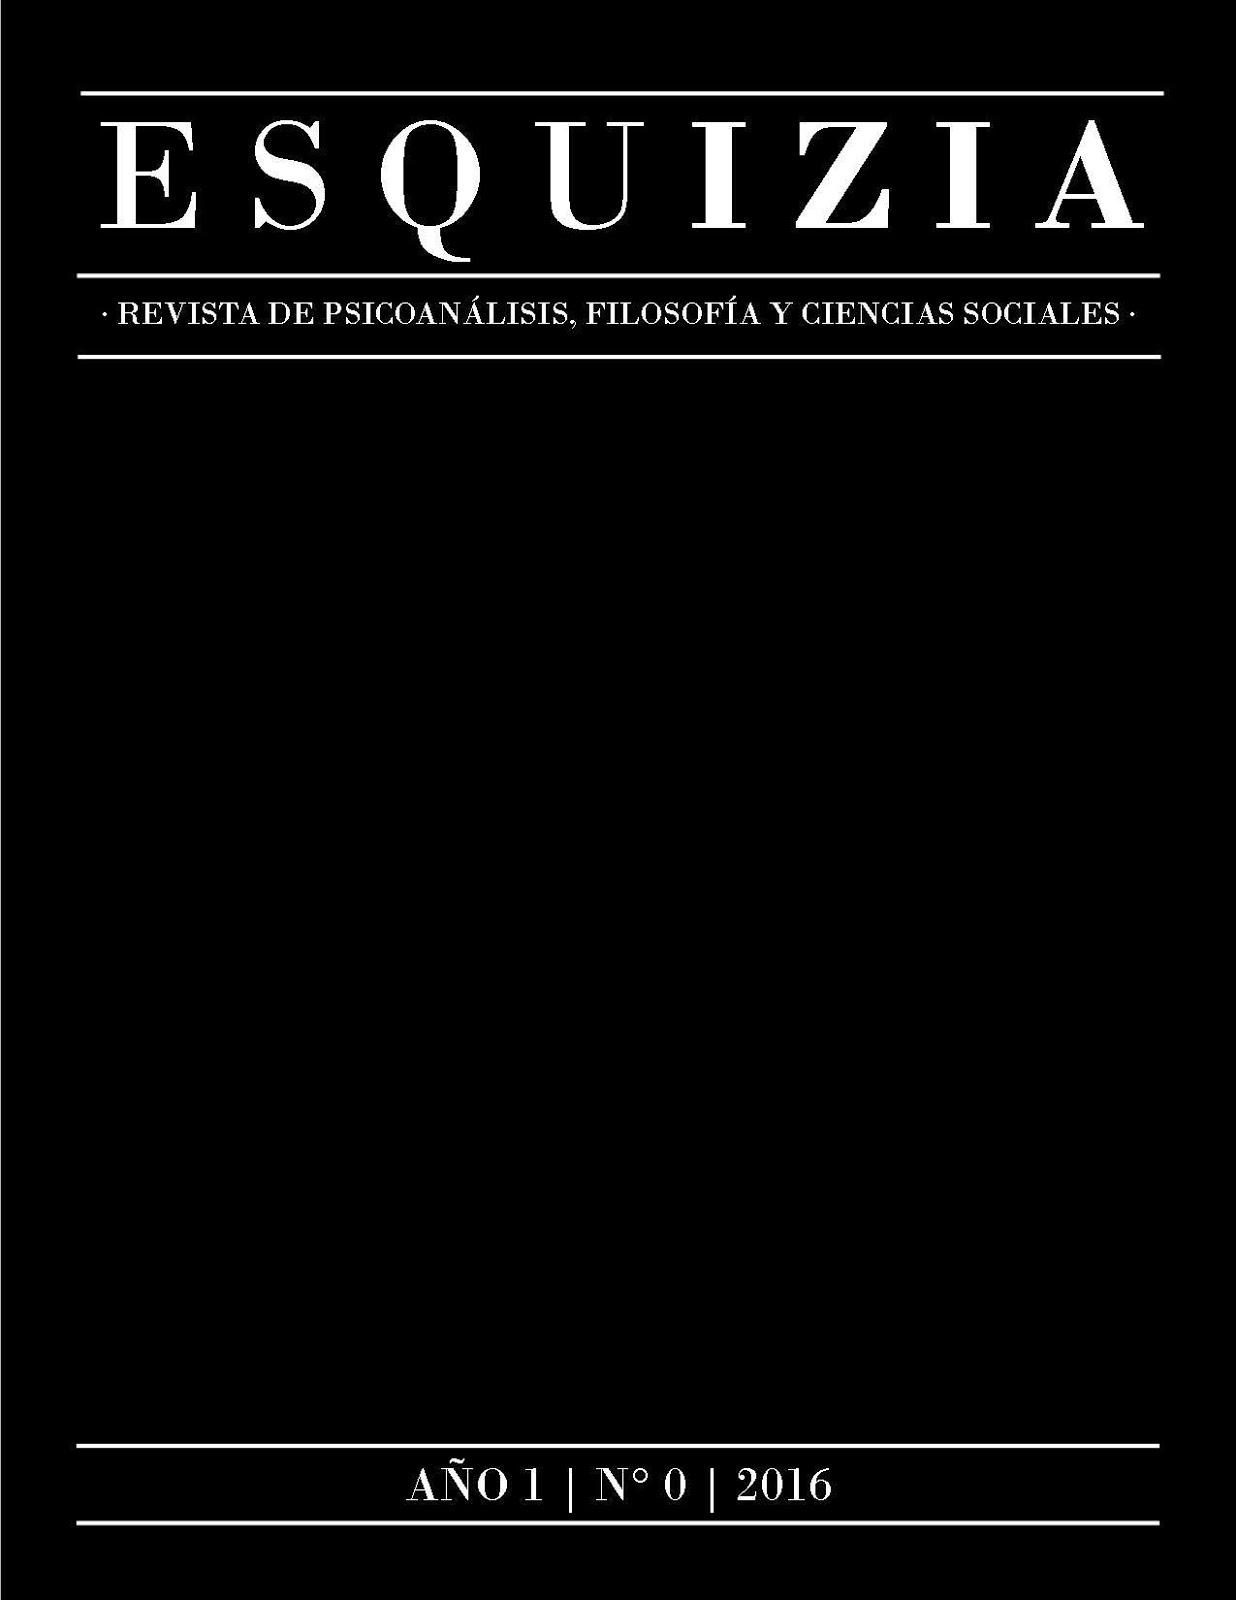 Esquizia. Revista de psicoanálisis, filosofía y ciencias sociales. Año 1, No. 0, 2016